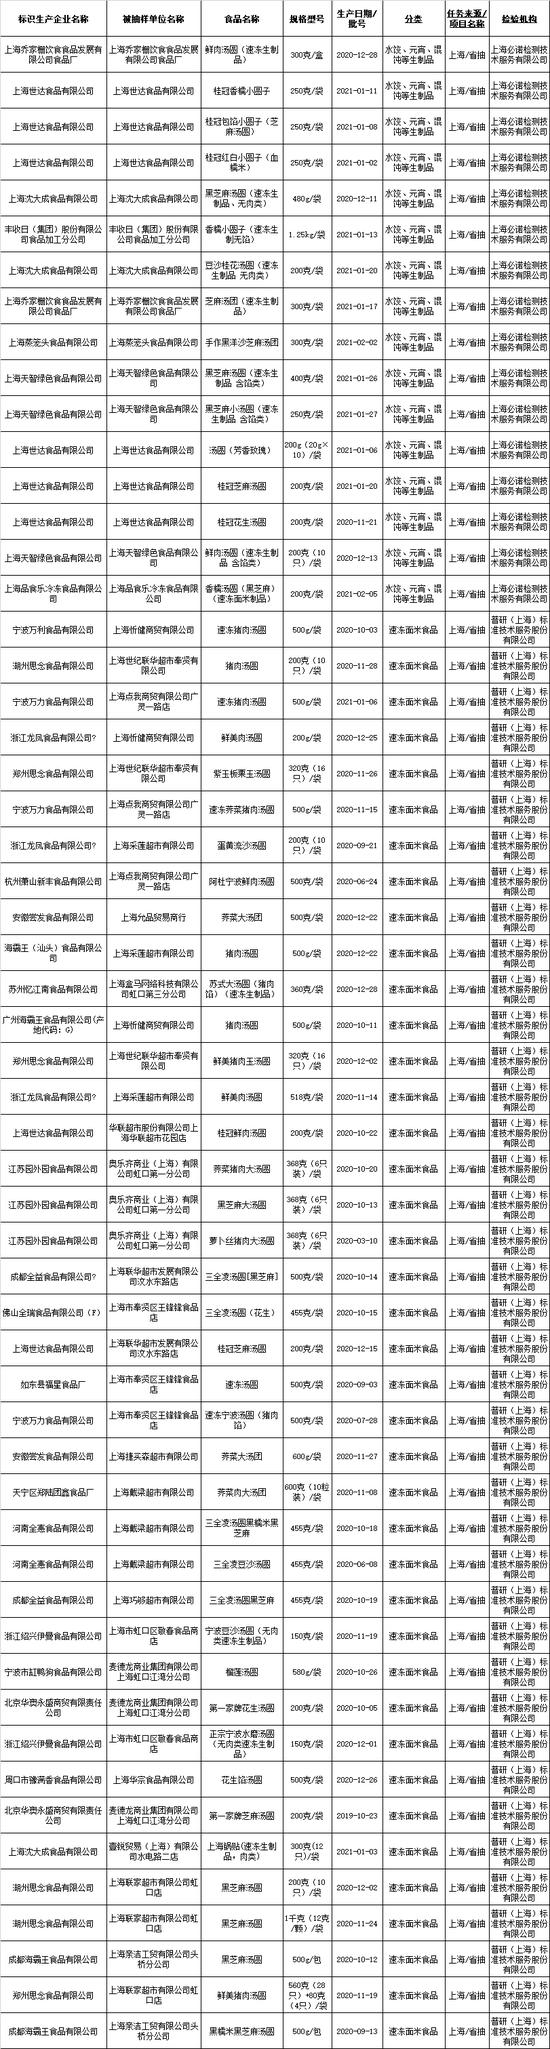 上海抽检汤圆、元宵:合格率100%